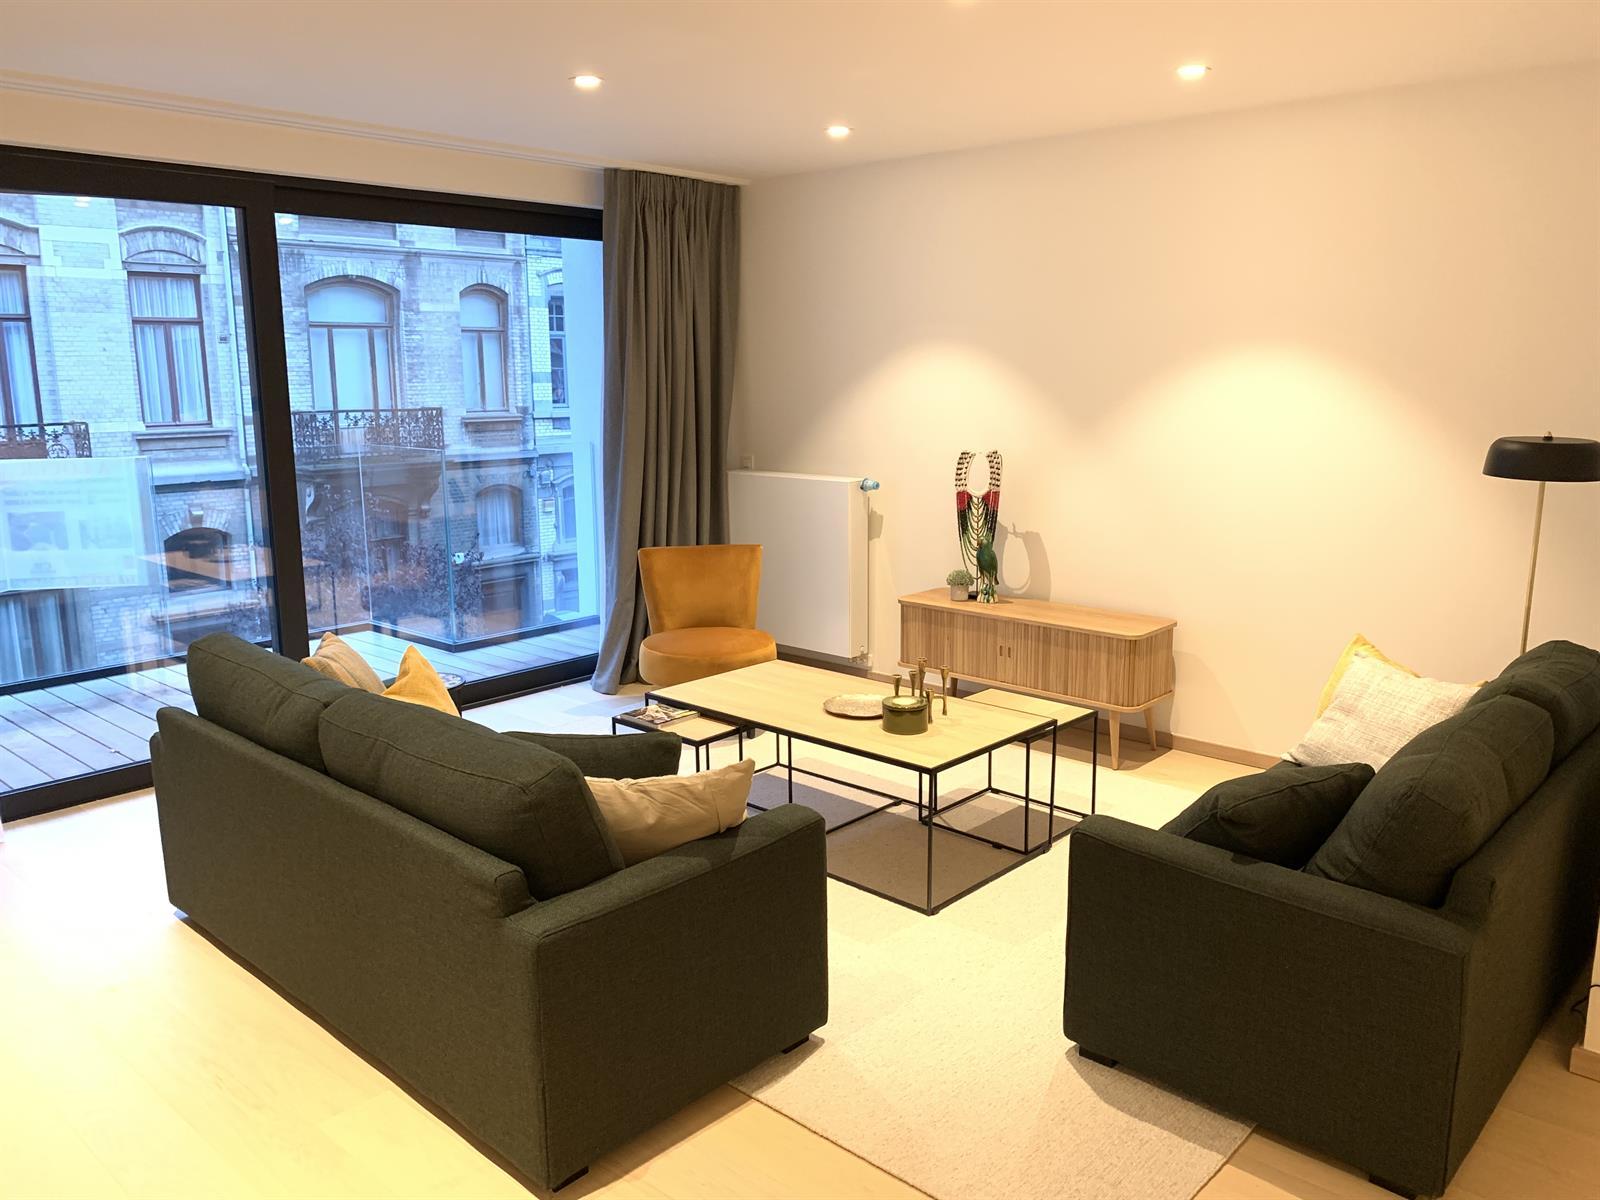 Appartement exceptionnel - Ixelles - #3918742-1